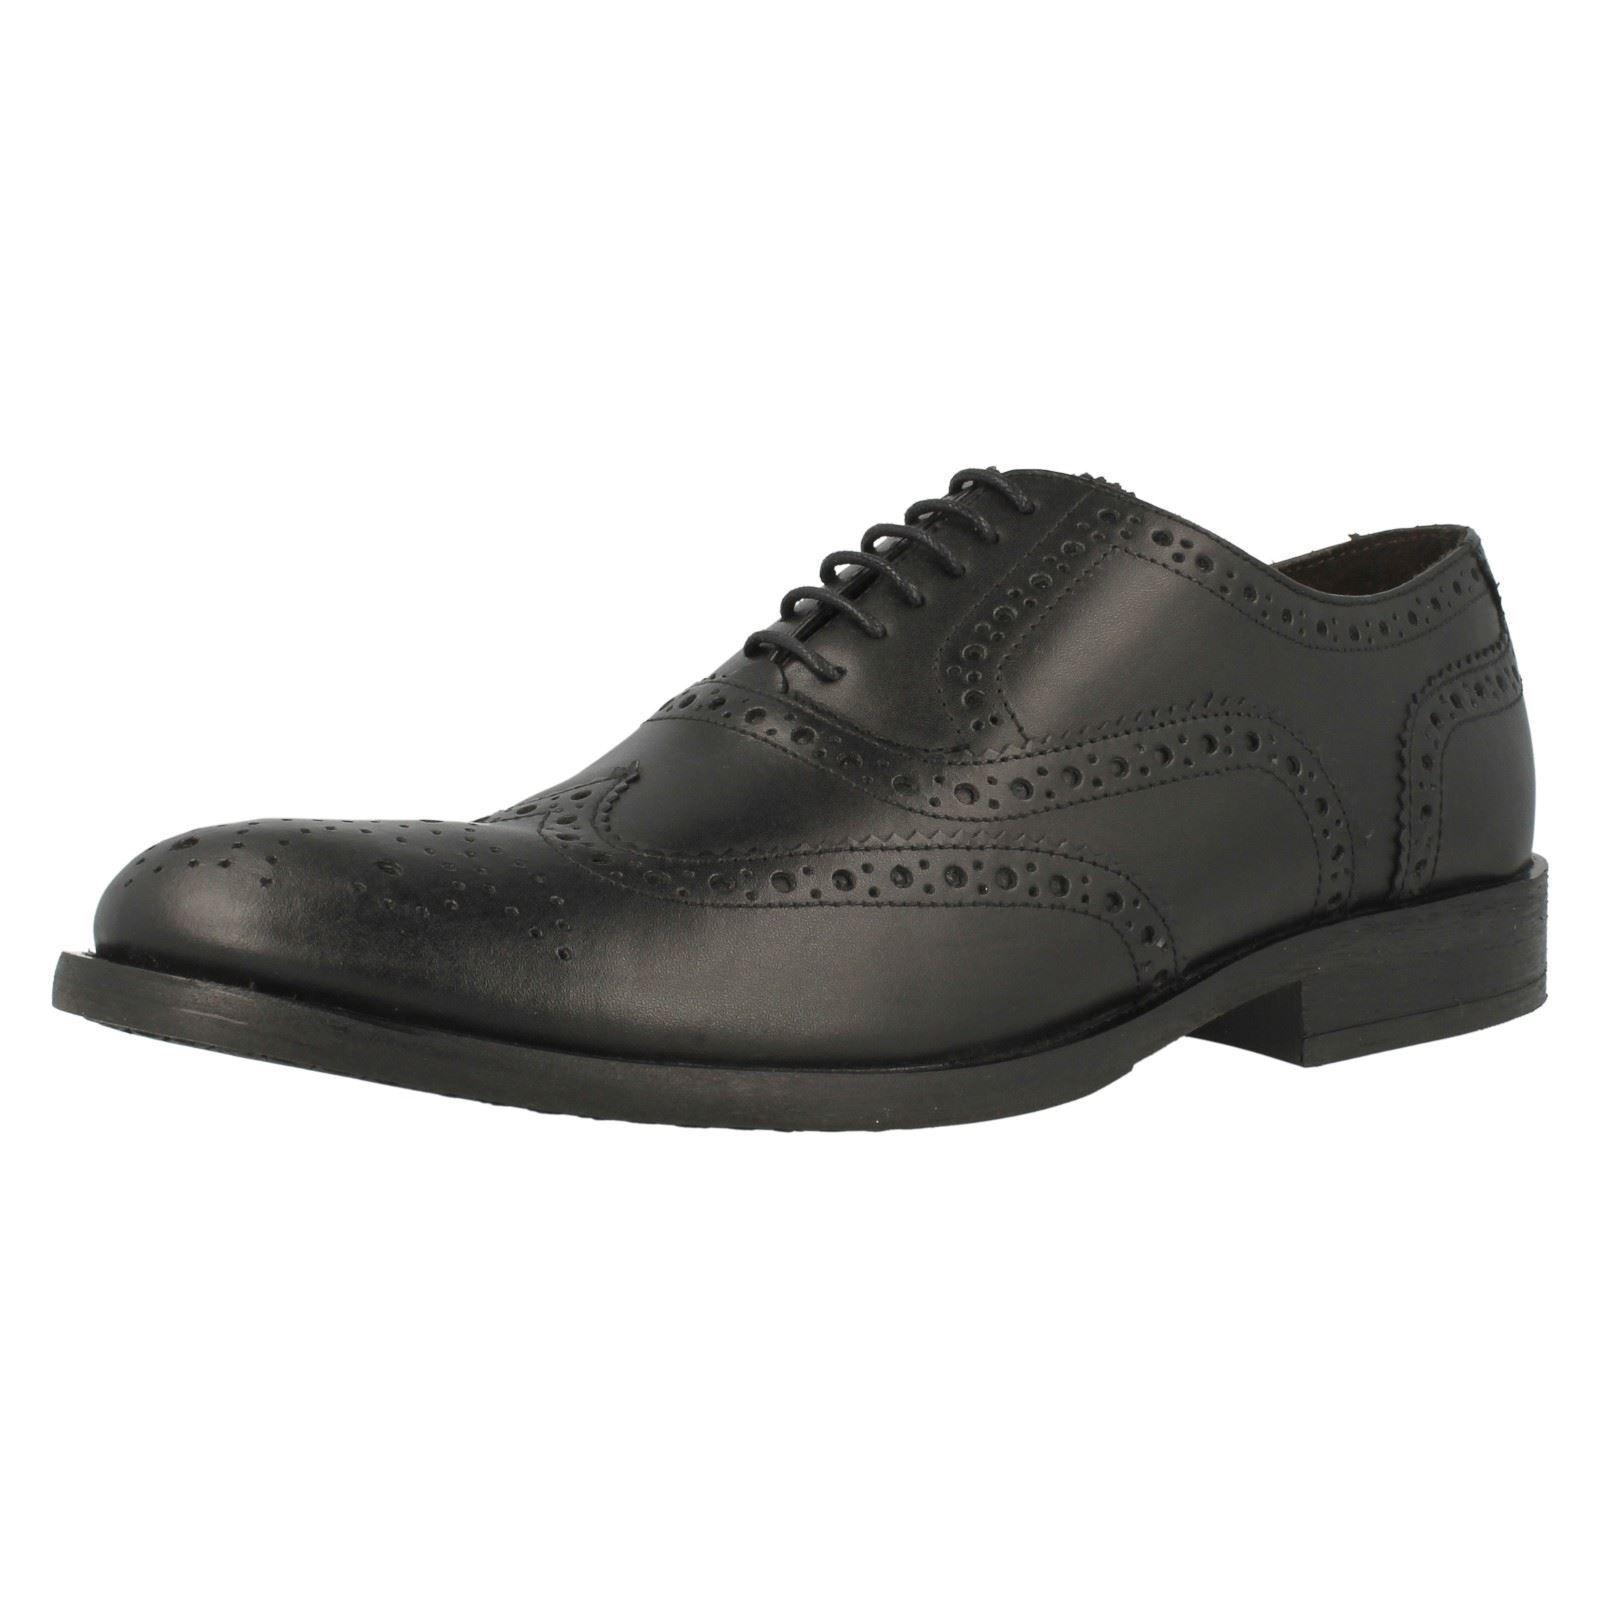 Base London NOCE MTO uomo Nero Lucido Pelle Scarpe eleganti Brogue con lacci ( Scarpe classiche da uomo